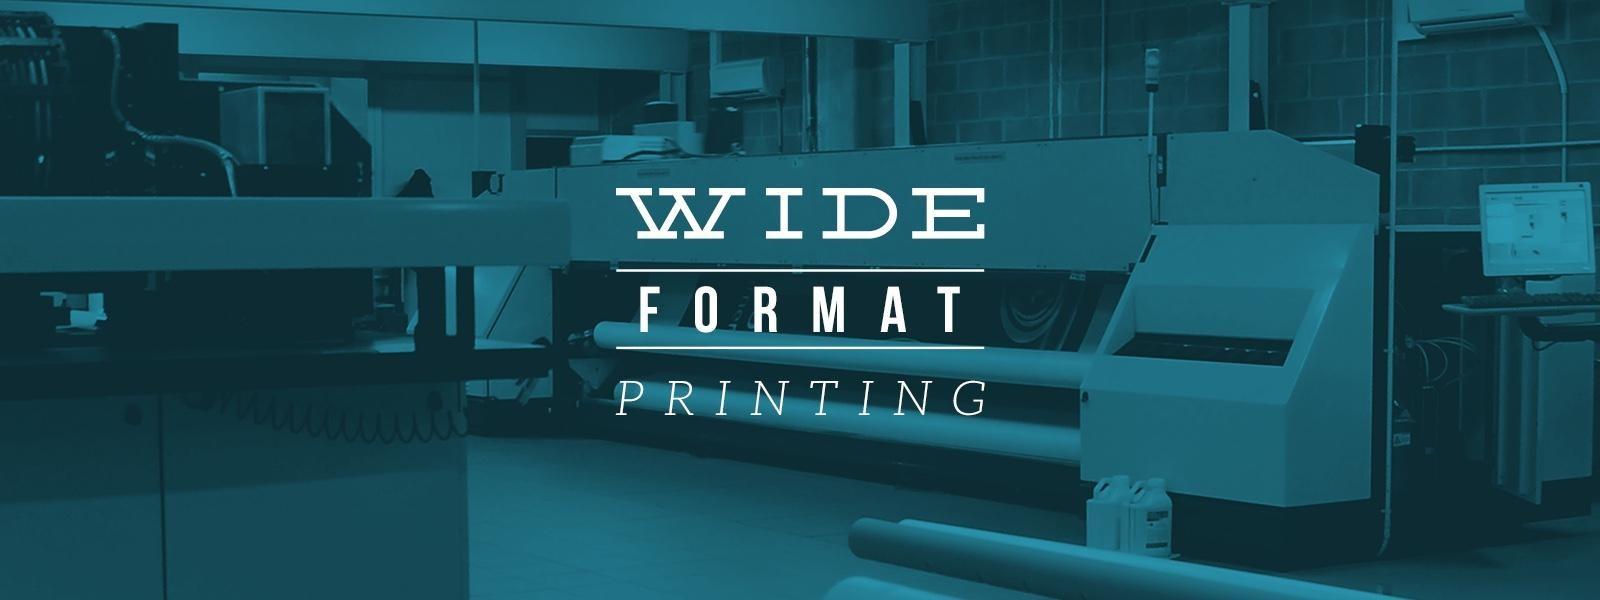 Commercial Offset  Digital  Wide Format Printer?  SE QLD